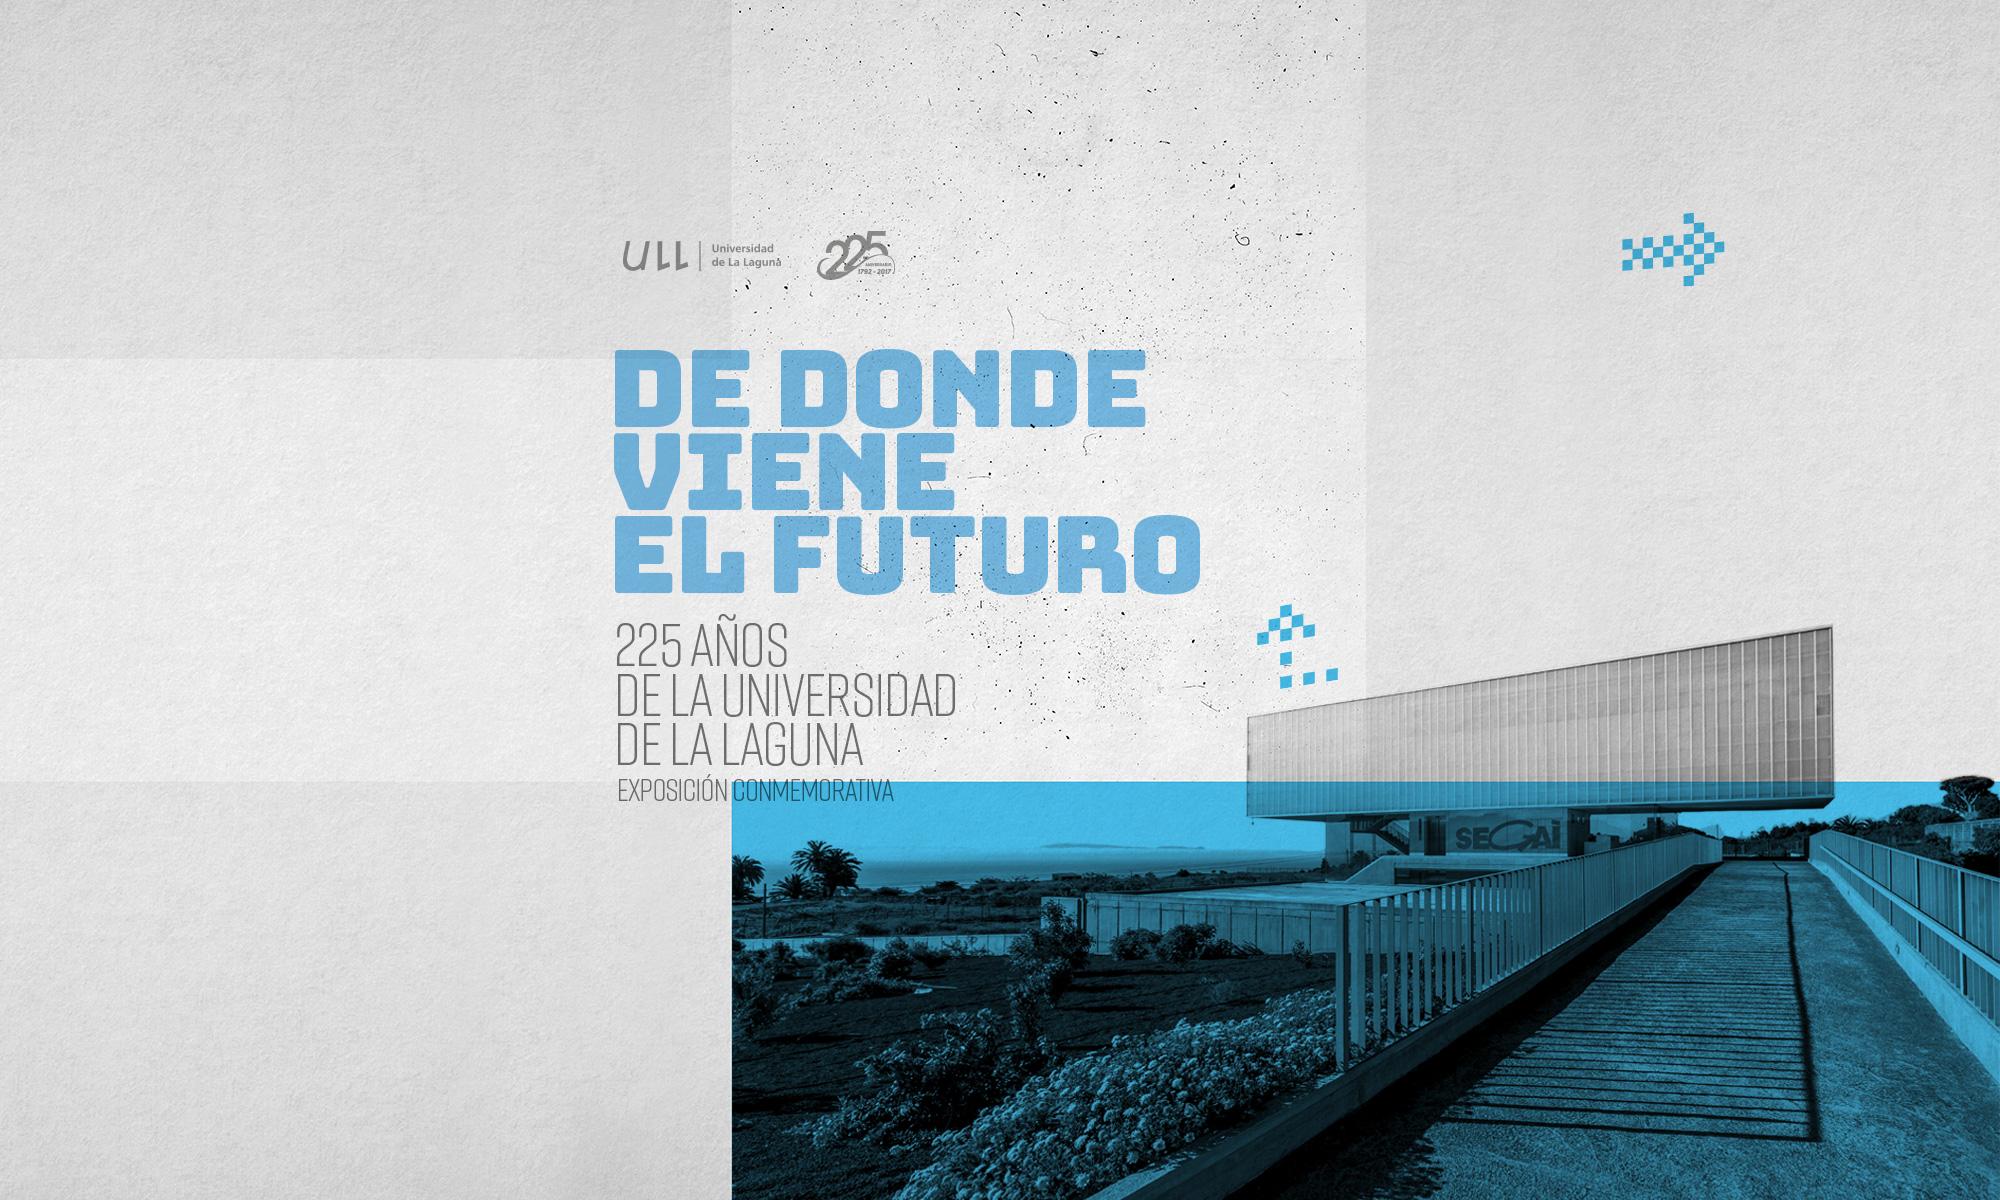 DE DONDE VIENE EL FUTURO